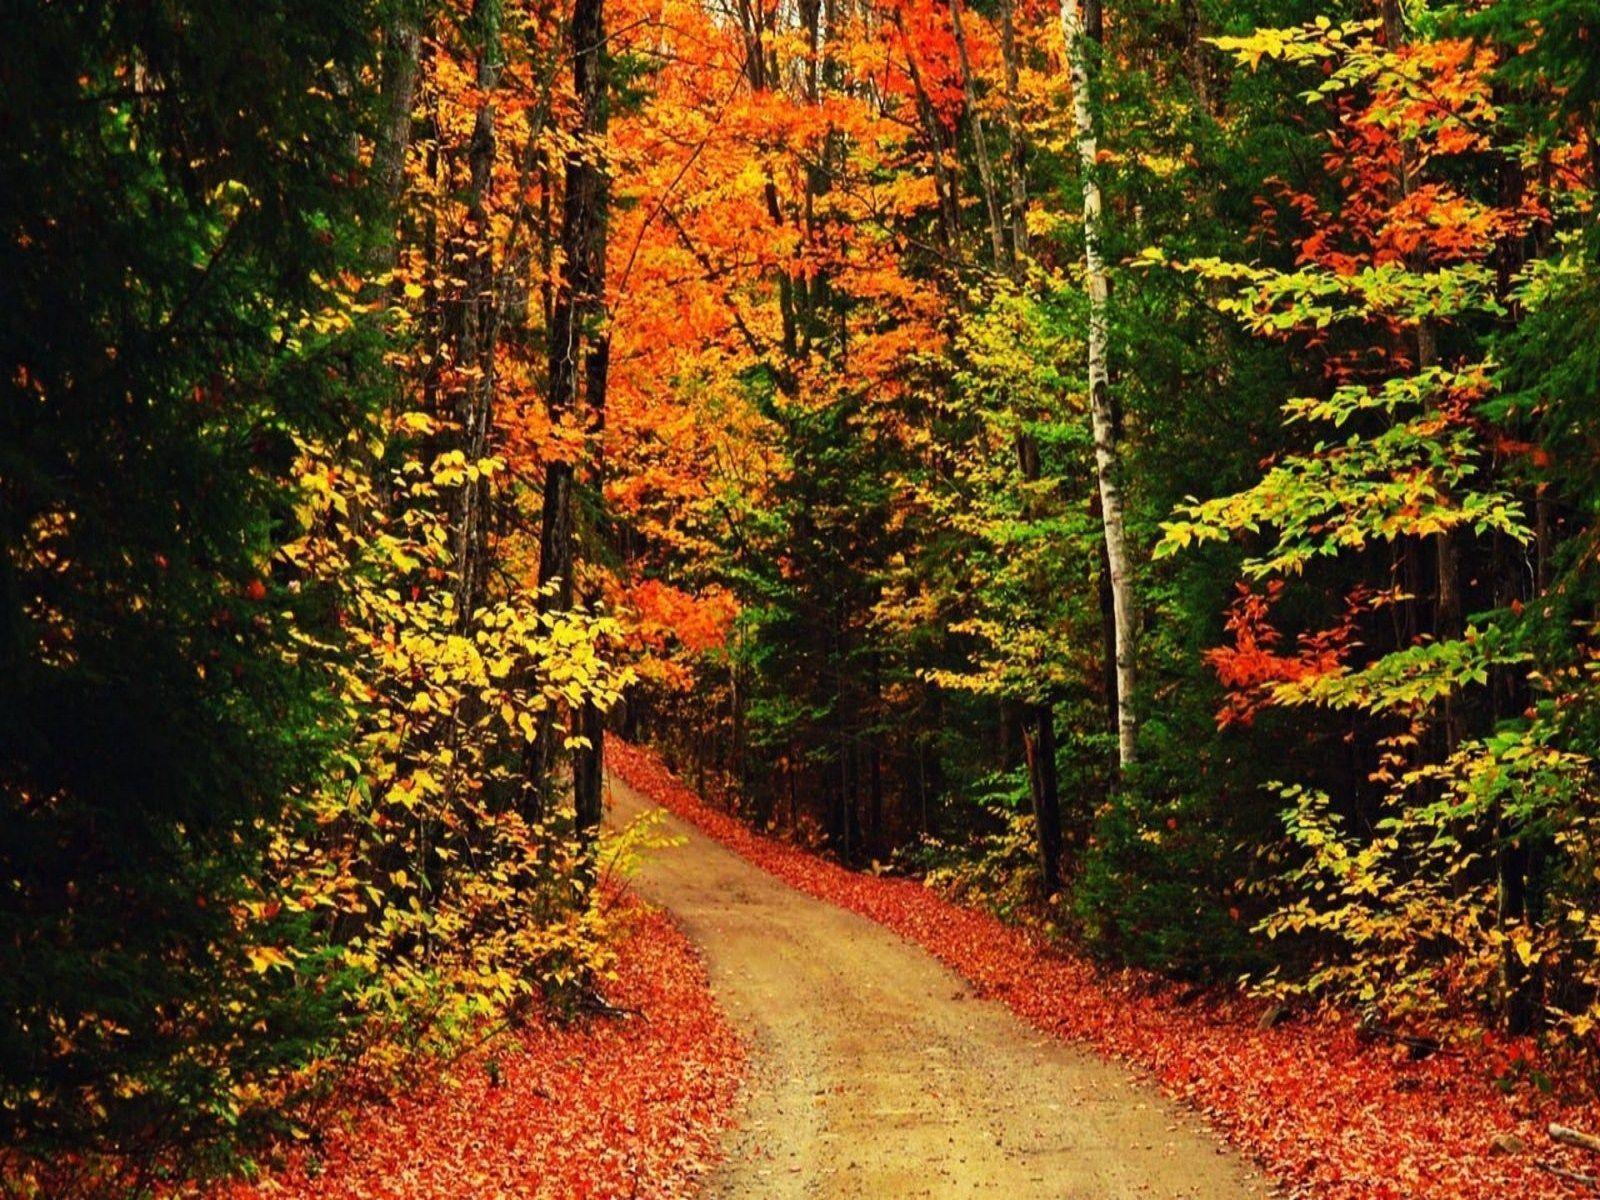 autumn wallpaper 007 free - photo #49